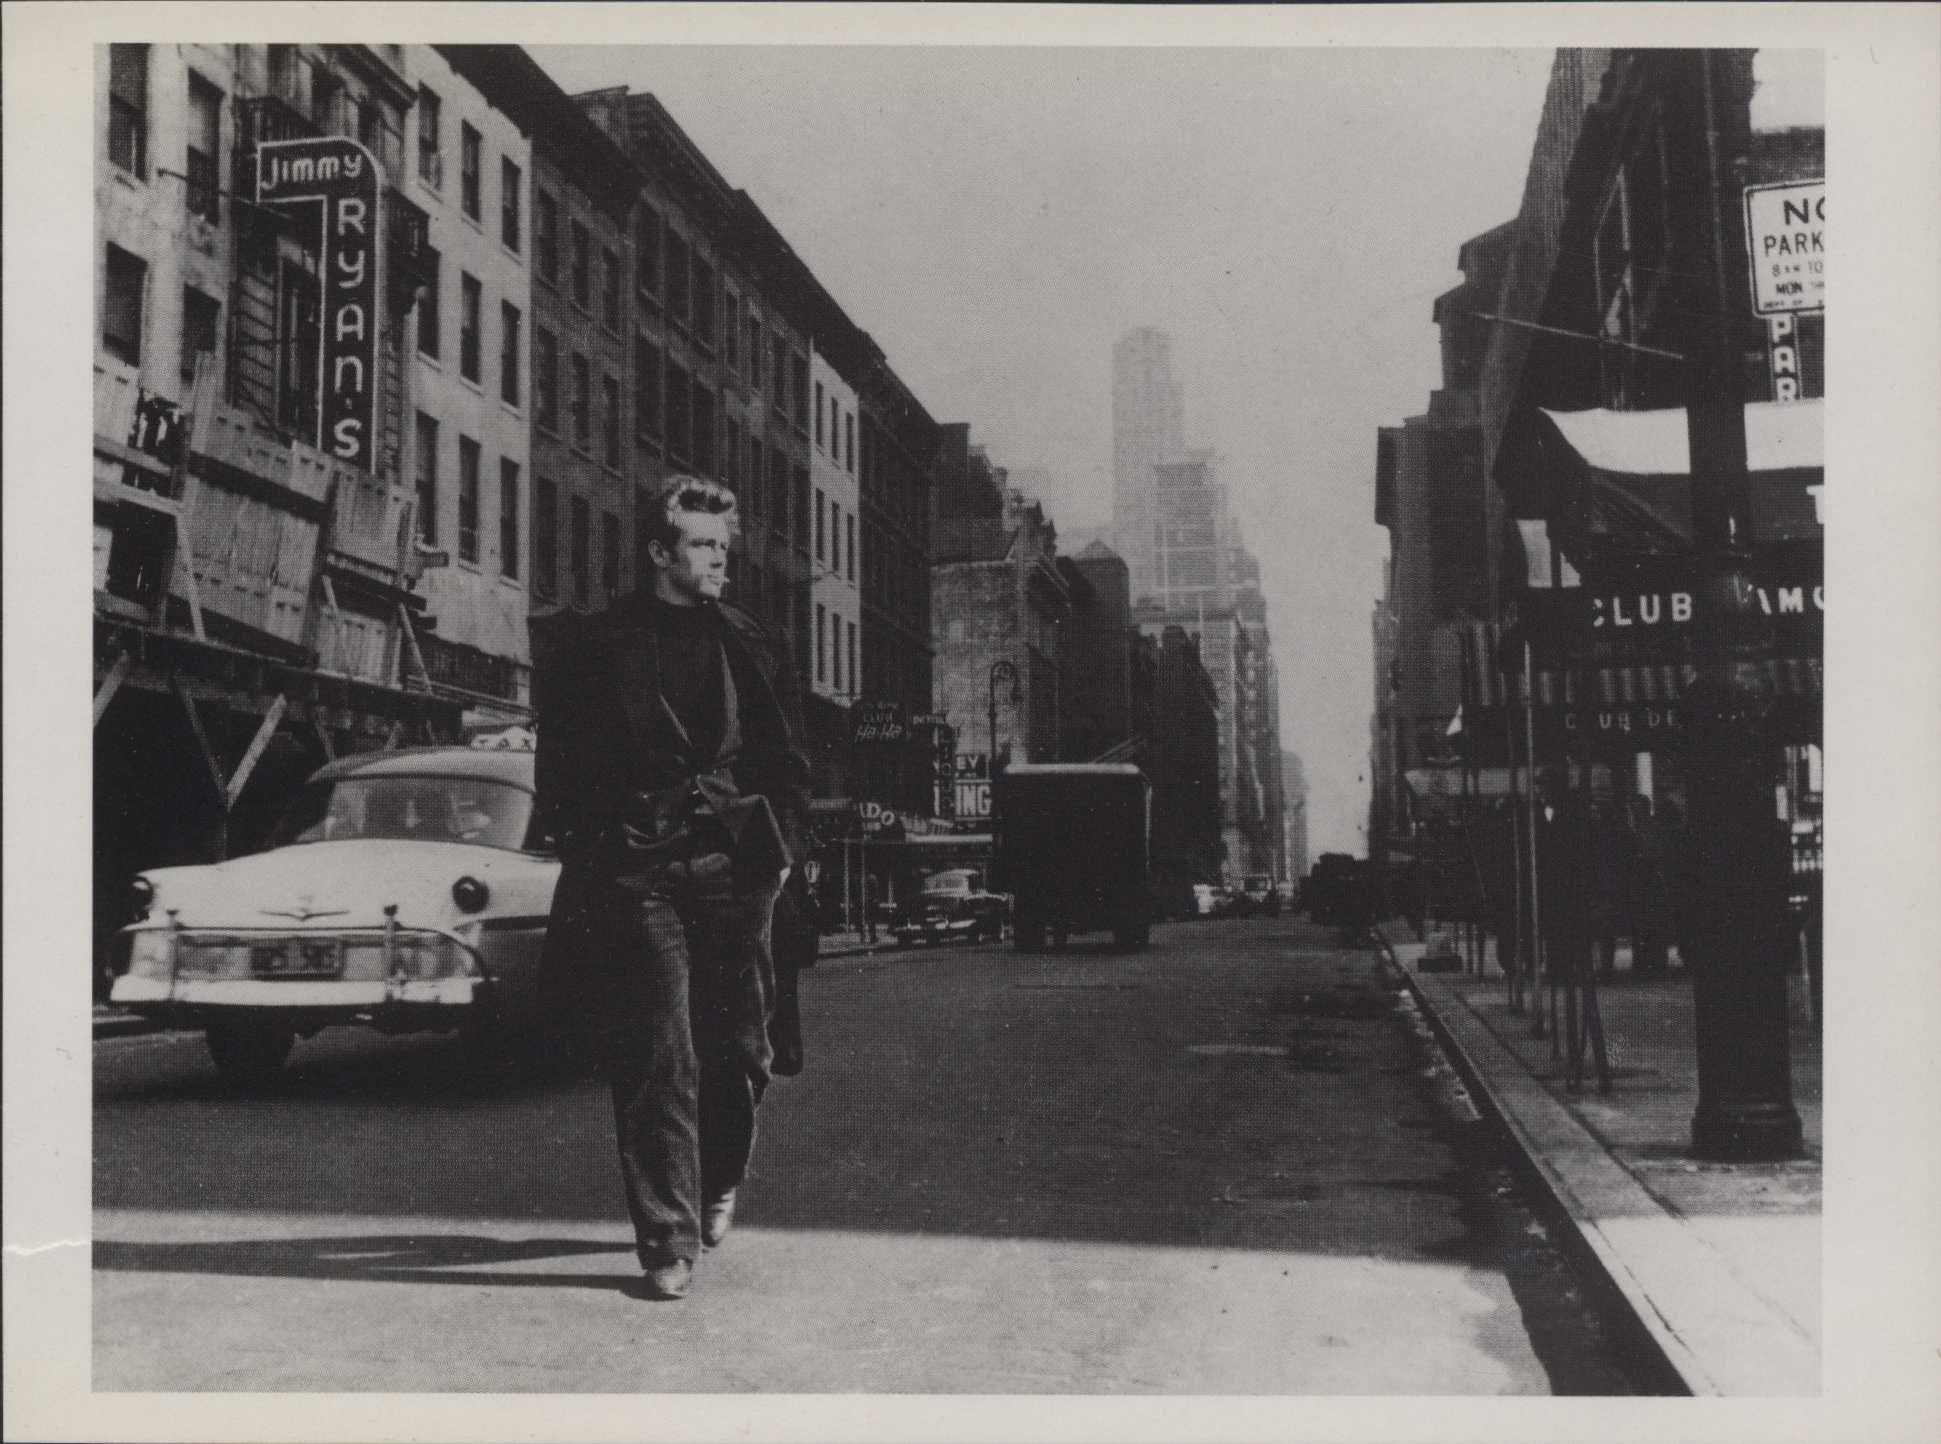 James Dean, Photograph, New York City, 1950s Modern